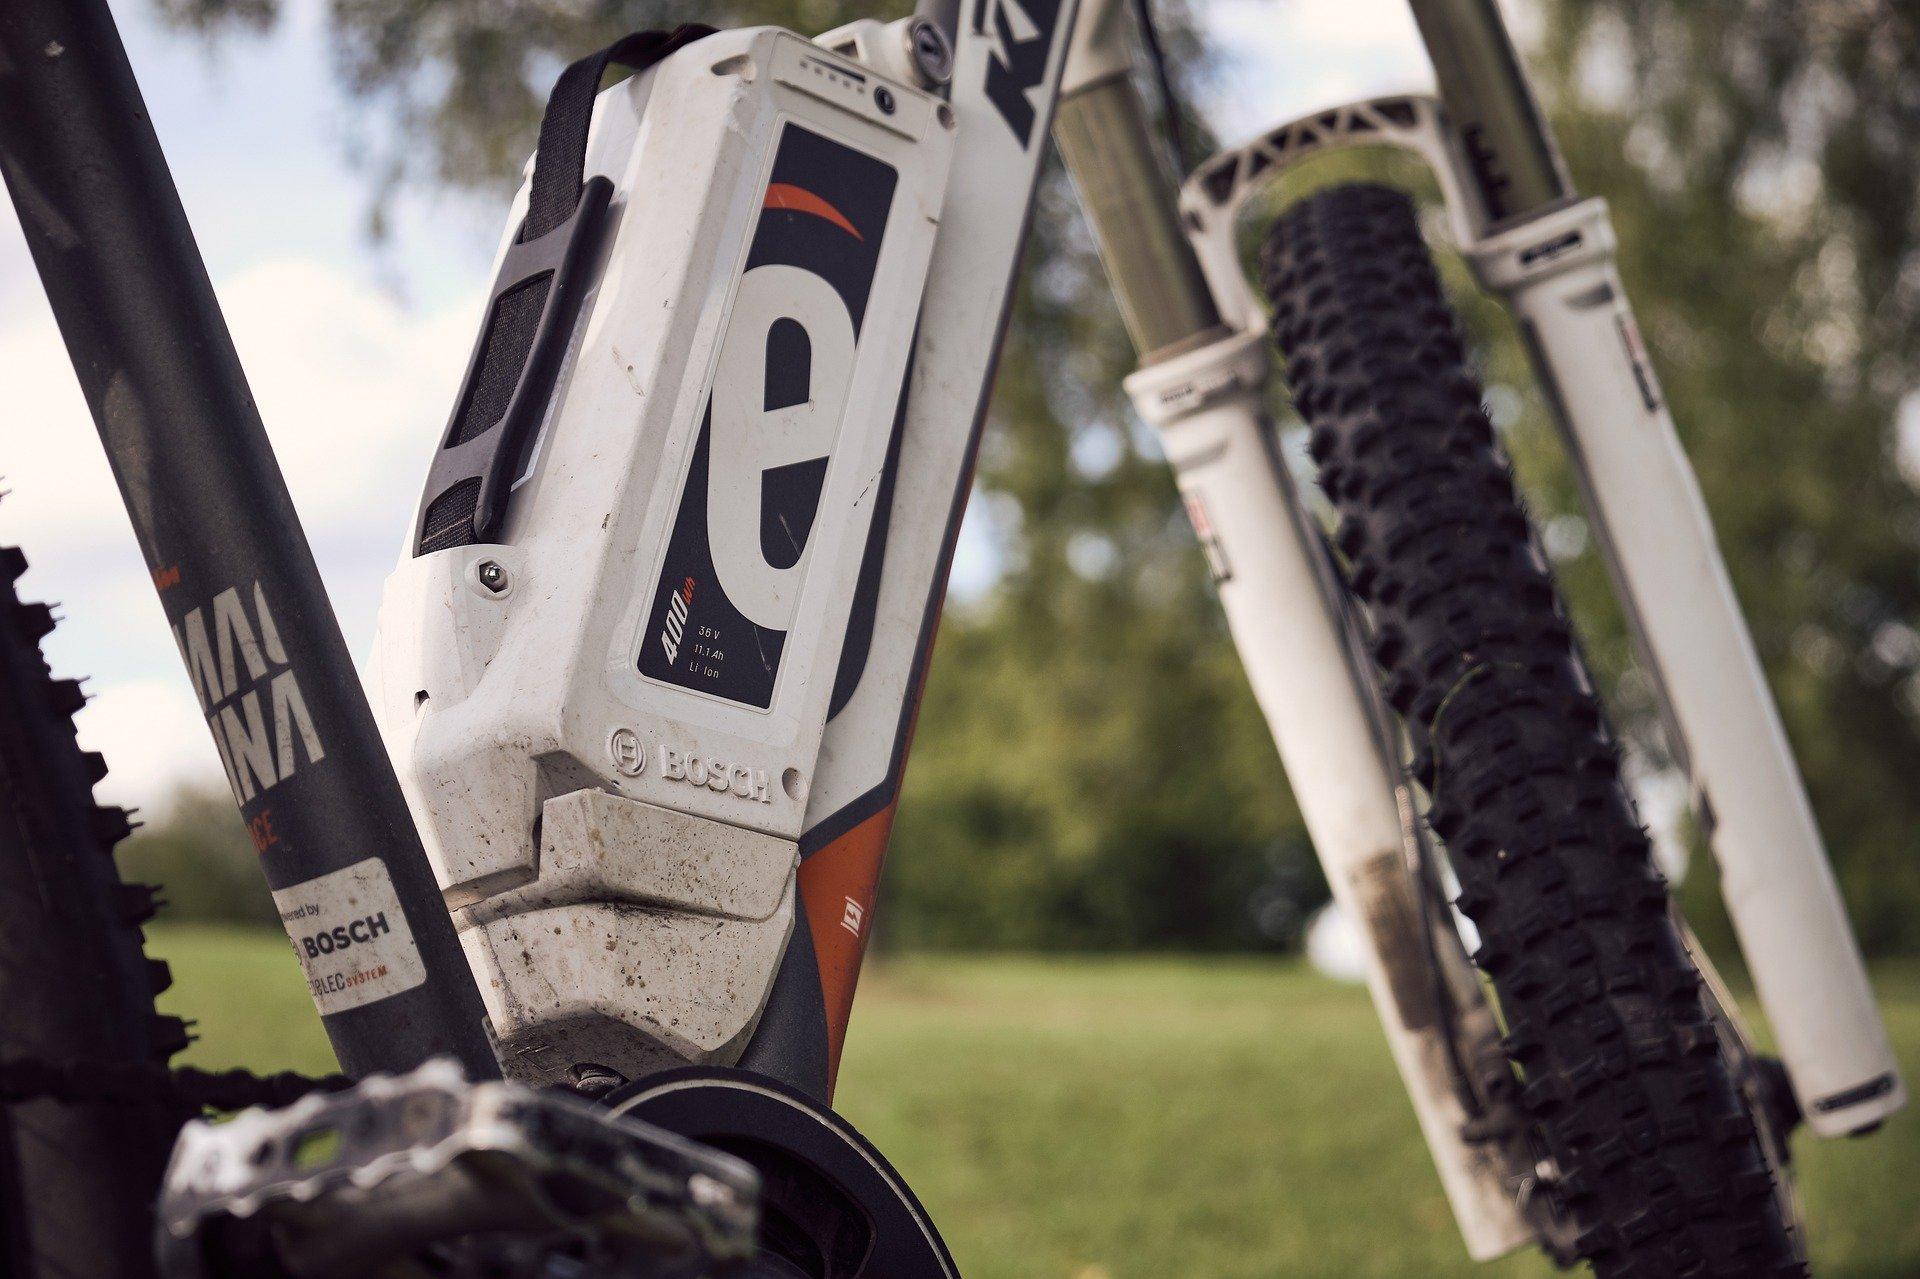 Batéria na bicykli